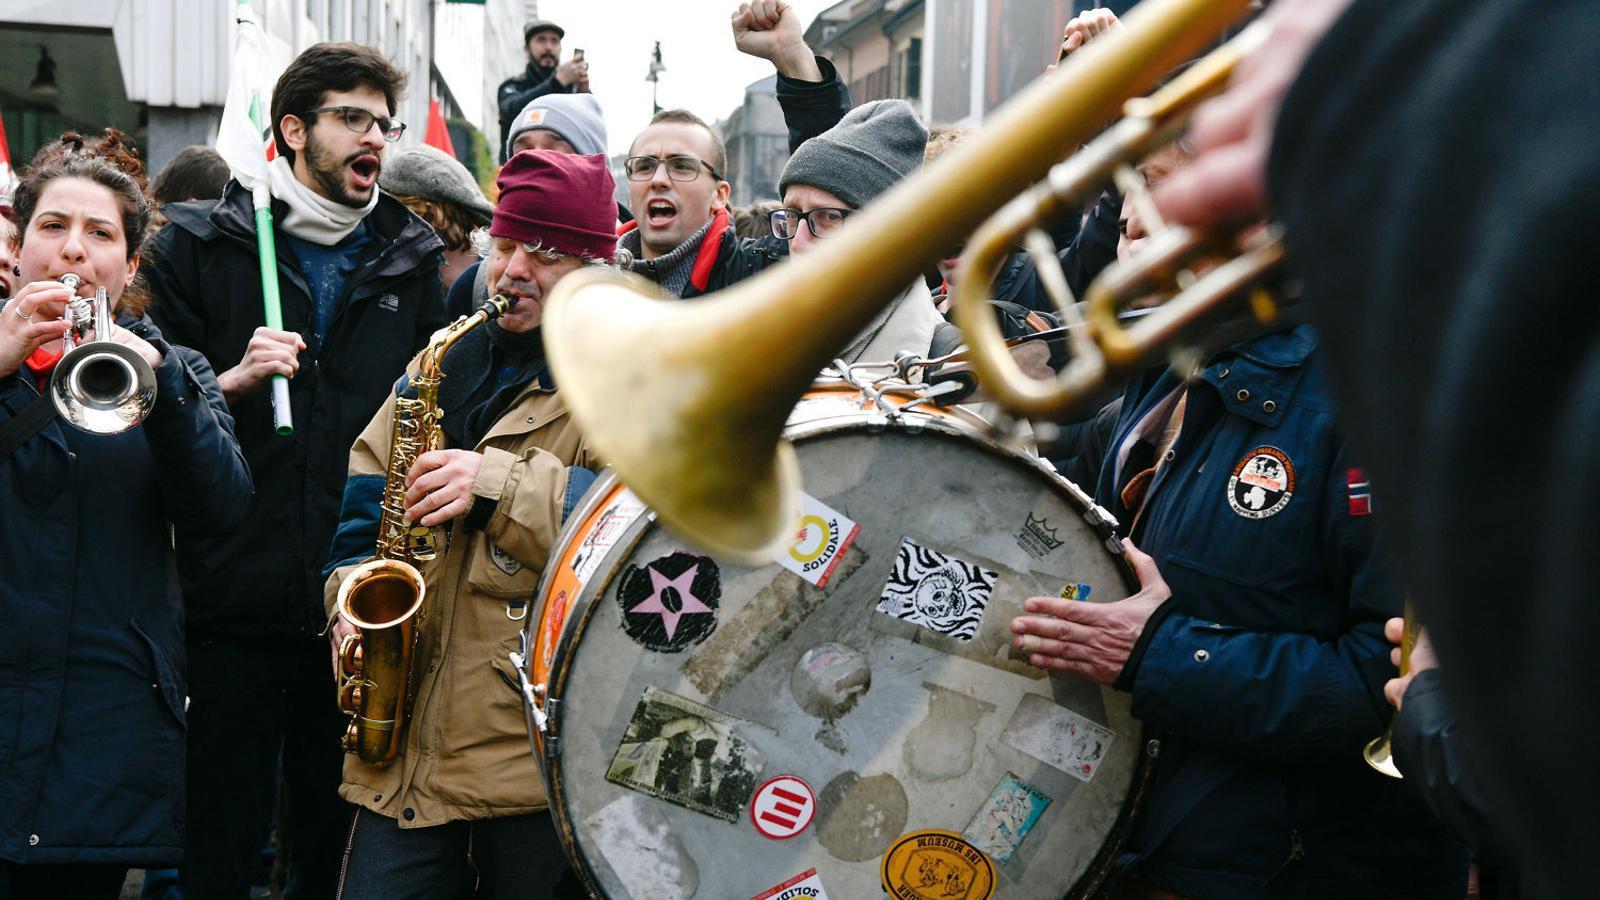 Itàlia es manifesta dividida pel feixisme en la recta final de la campanya